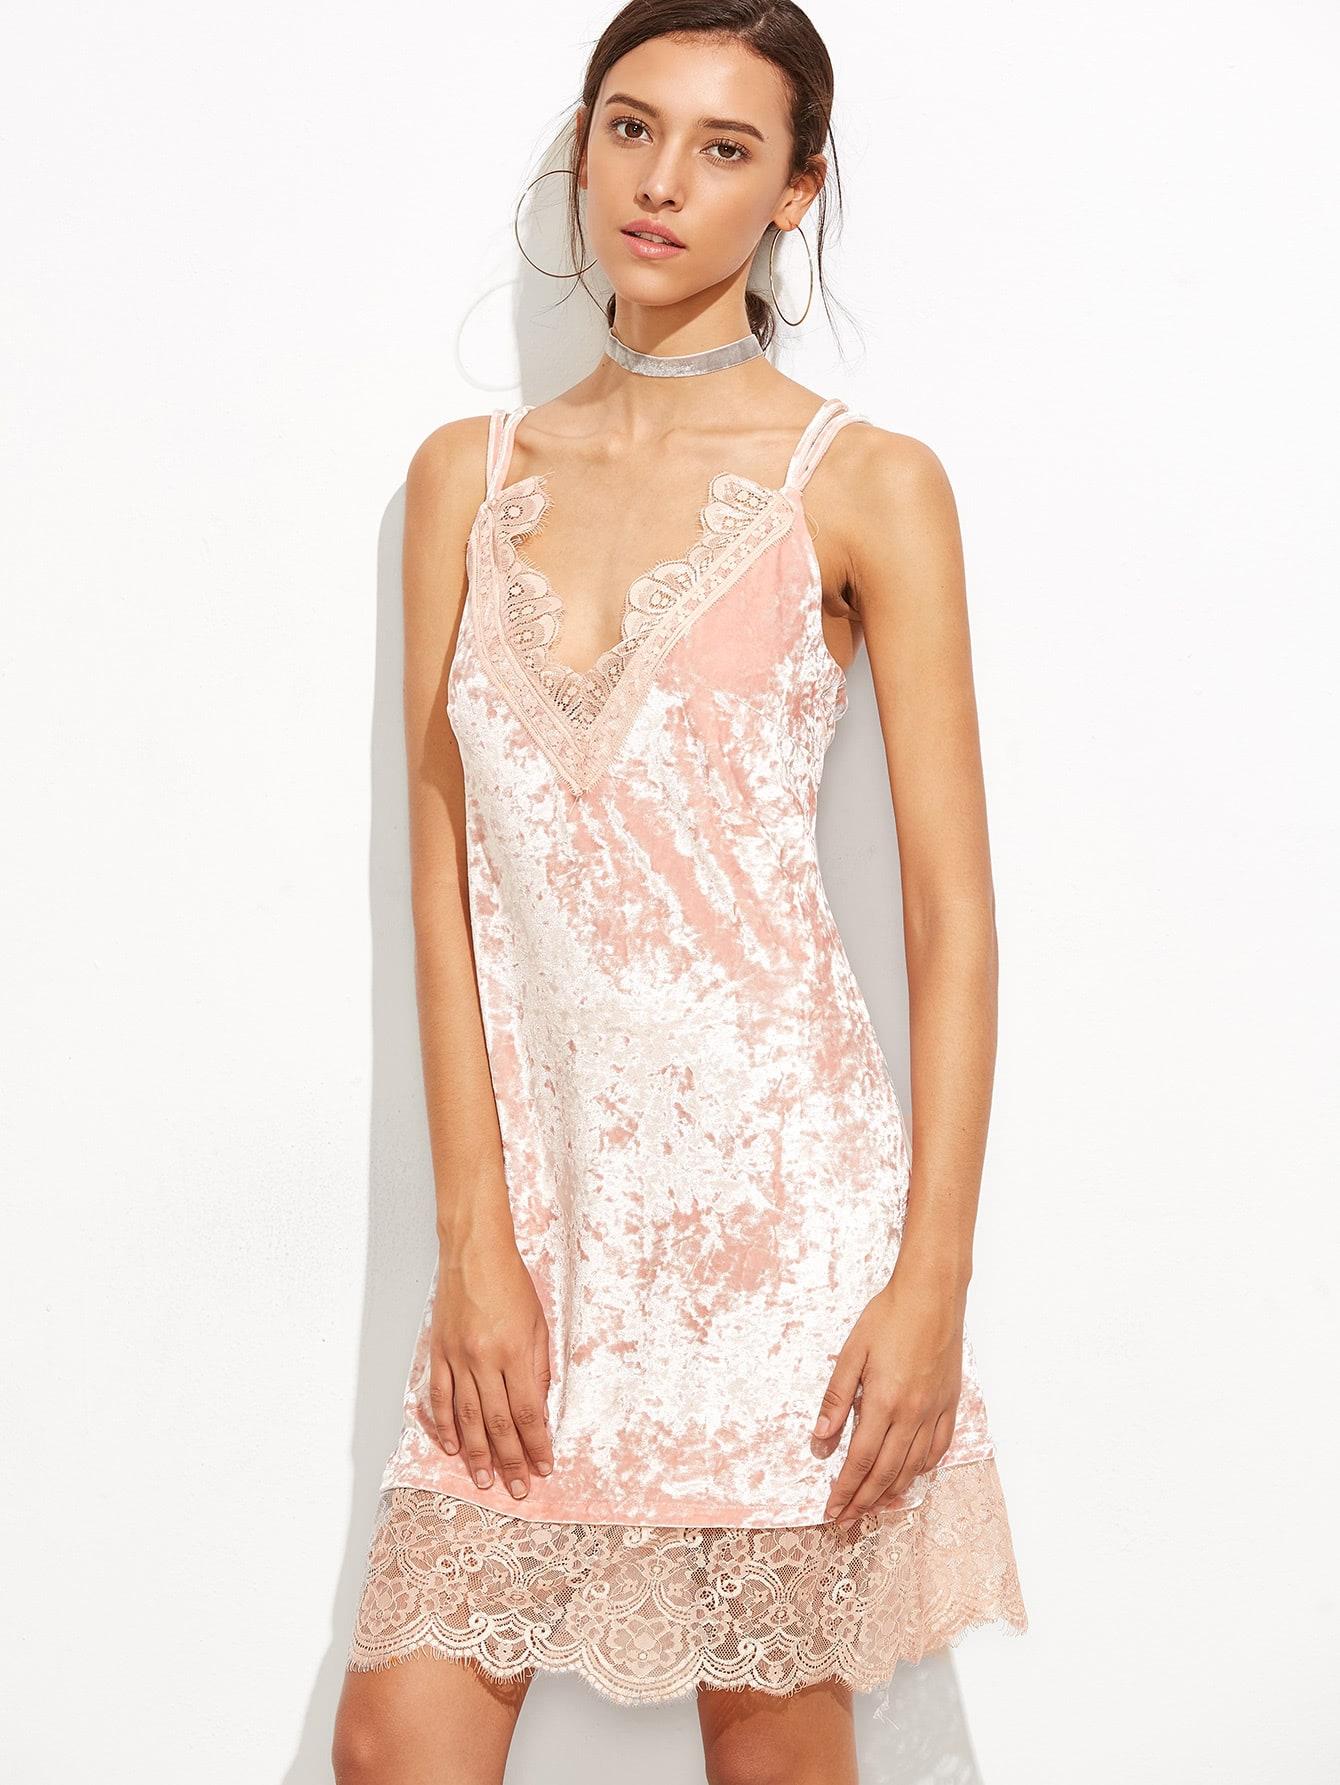 Pink Eyelash Lace Trim Velvet Strappy Cami DressPink Eyelash Lace Trim Velvet Strappy Cami Dress<br><br>color: Pink<br>size: L,M,S